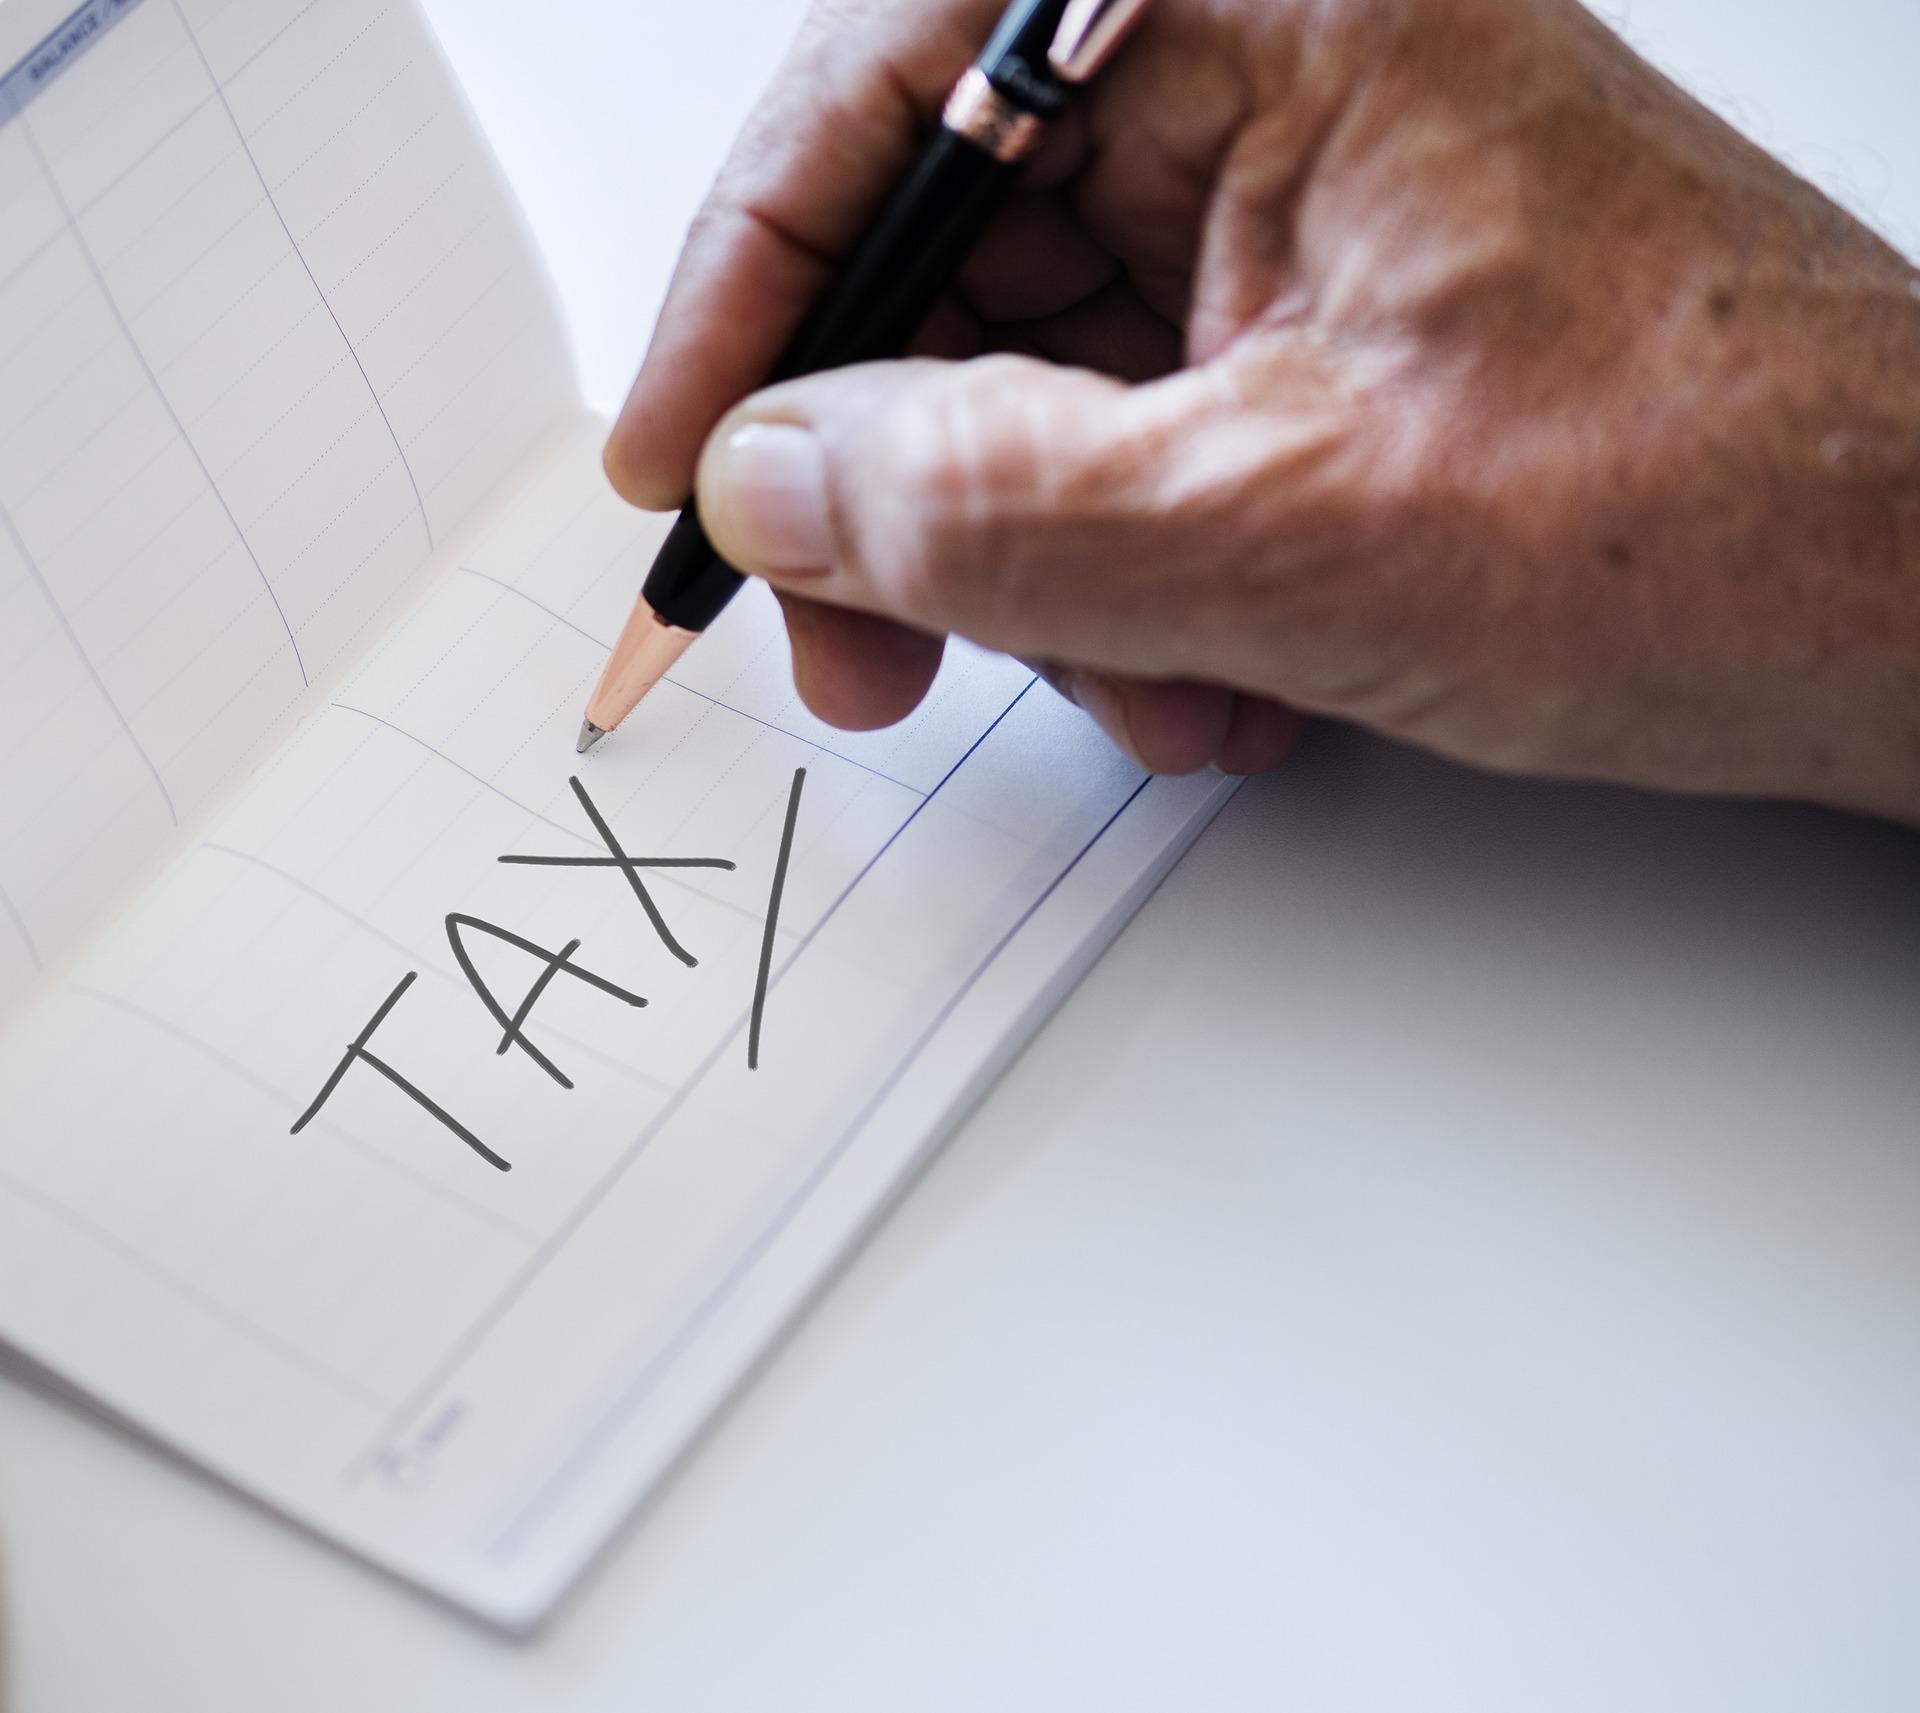 Stawki podatków i składek ubezpieczeniowych w przyszłym roku dla samozatrudnionych przedsiębiorców